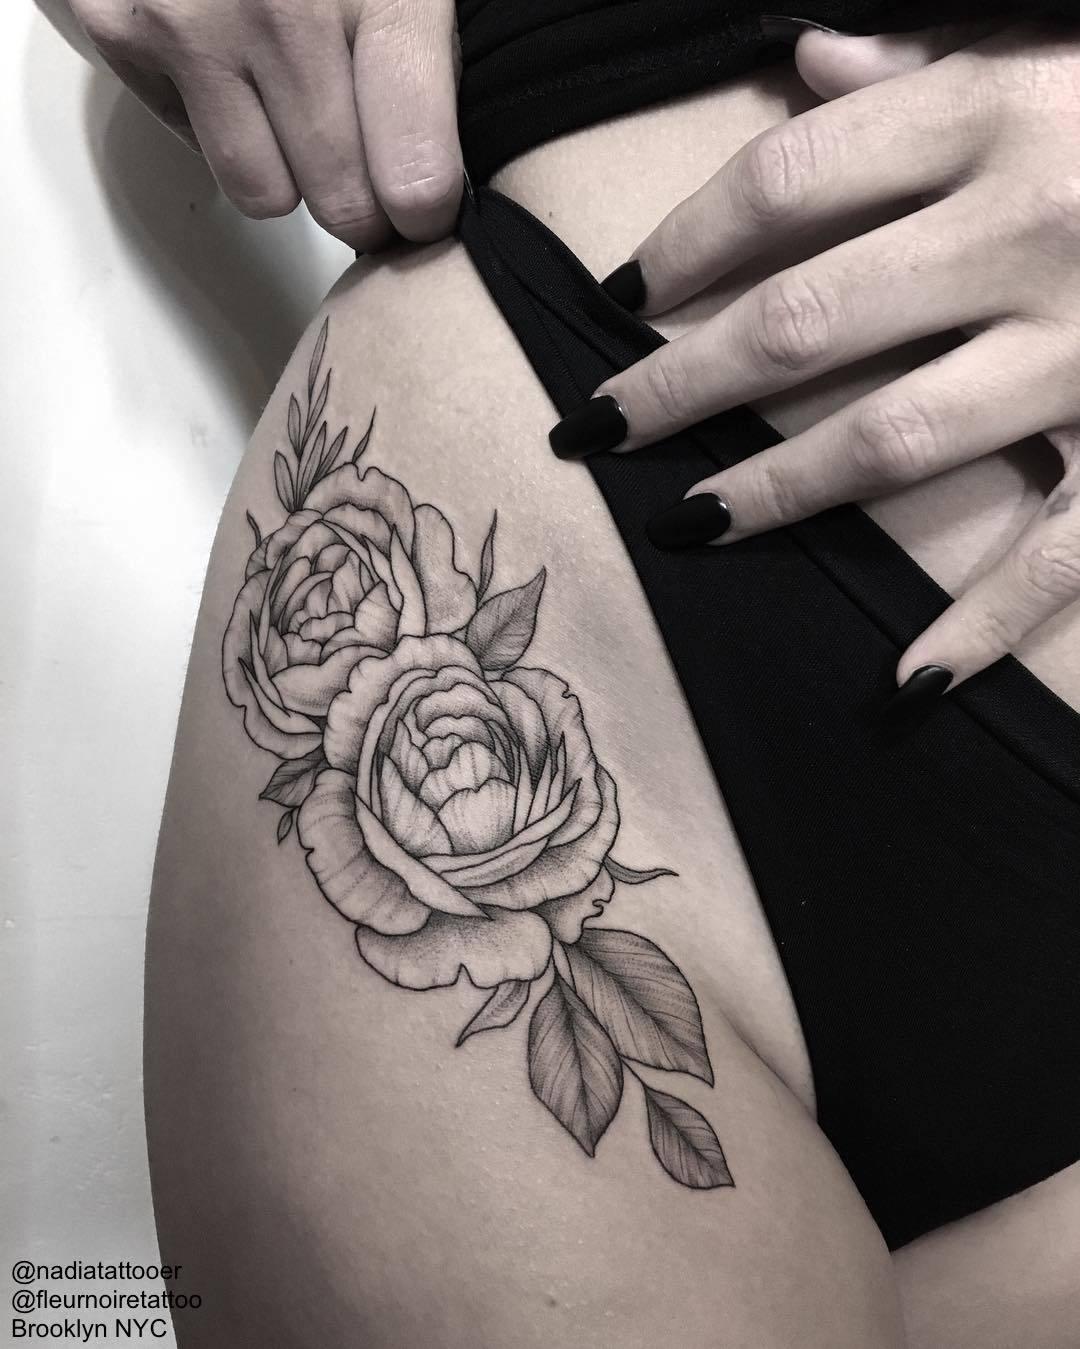 tattrx — Nadia Andriu - Brooklyn NYC Tattoo Studio :...